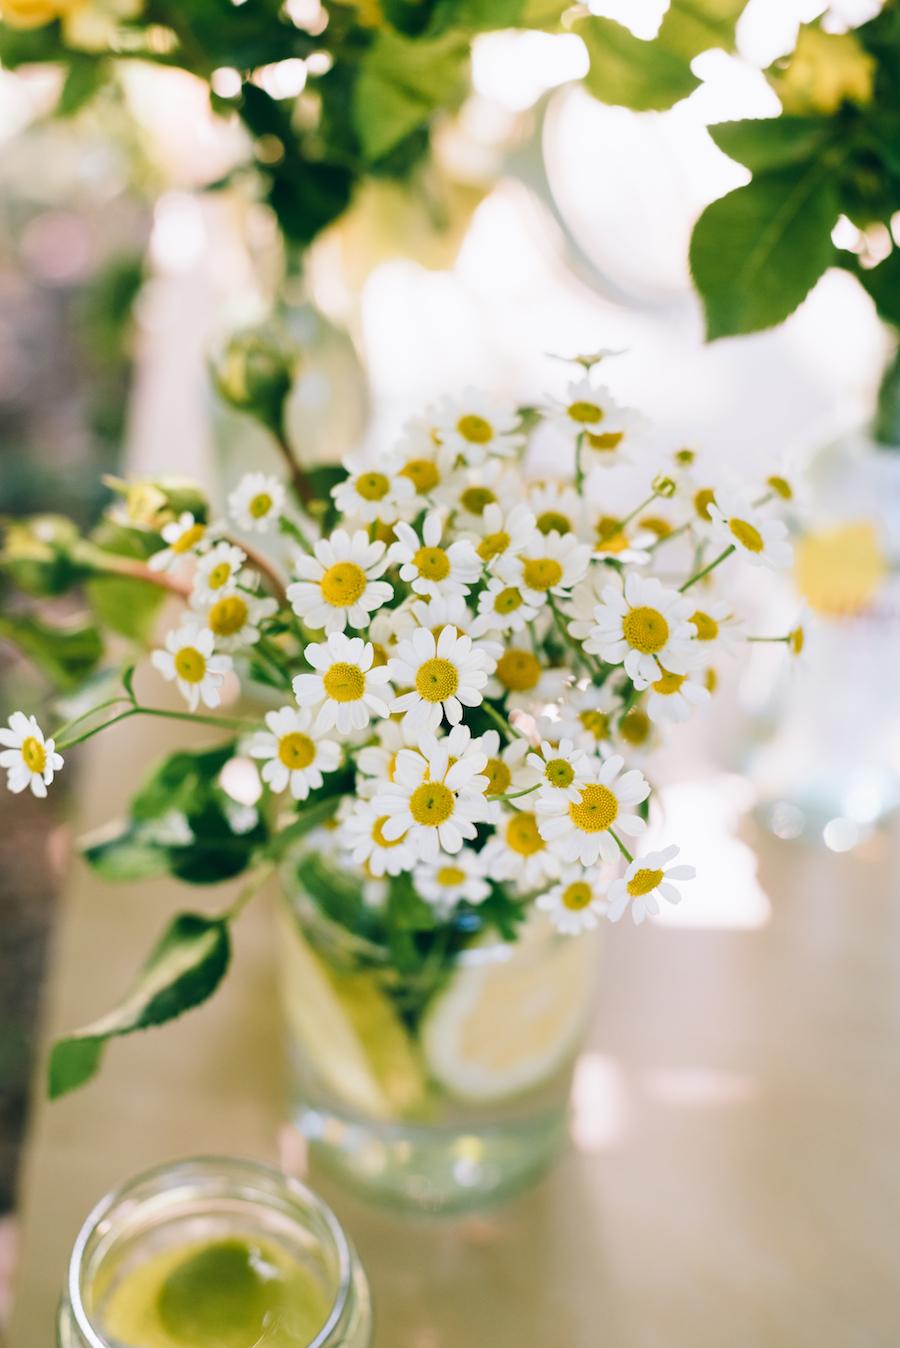 composizione floreale con camomilla e limone